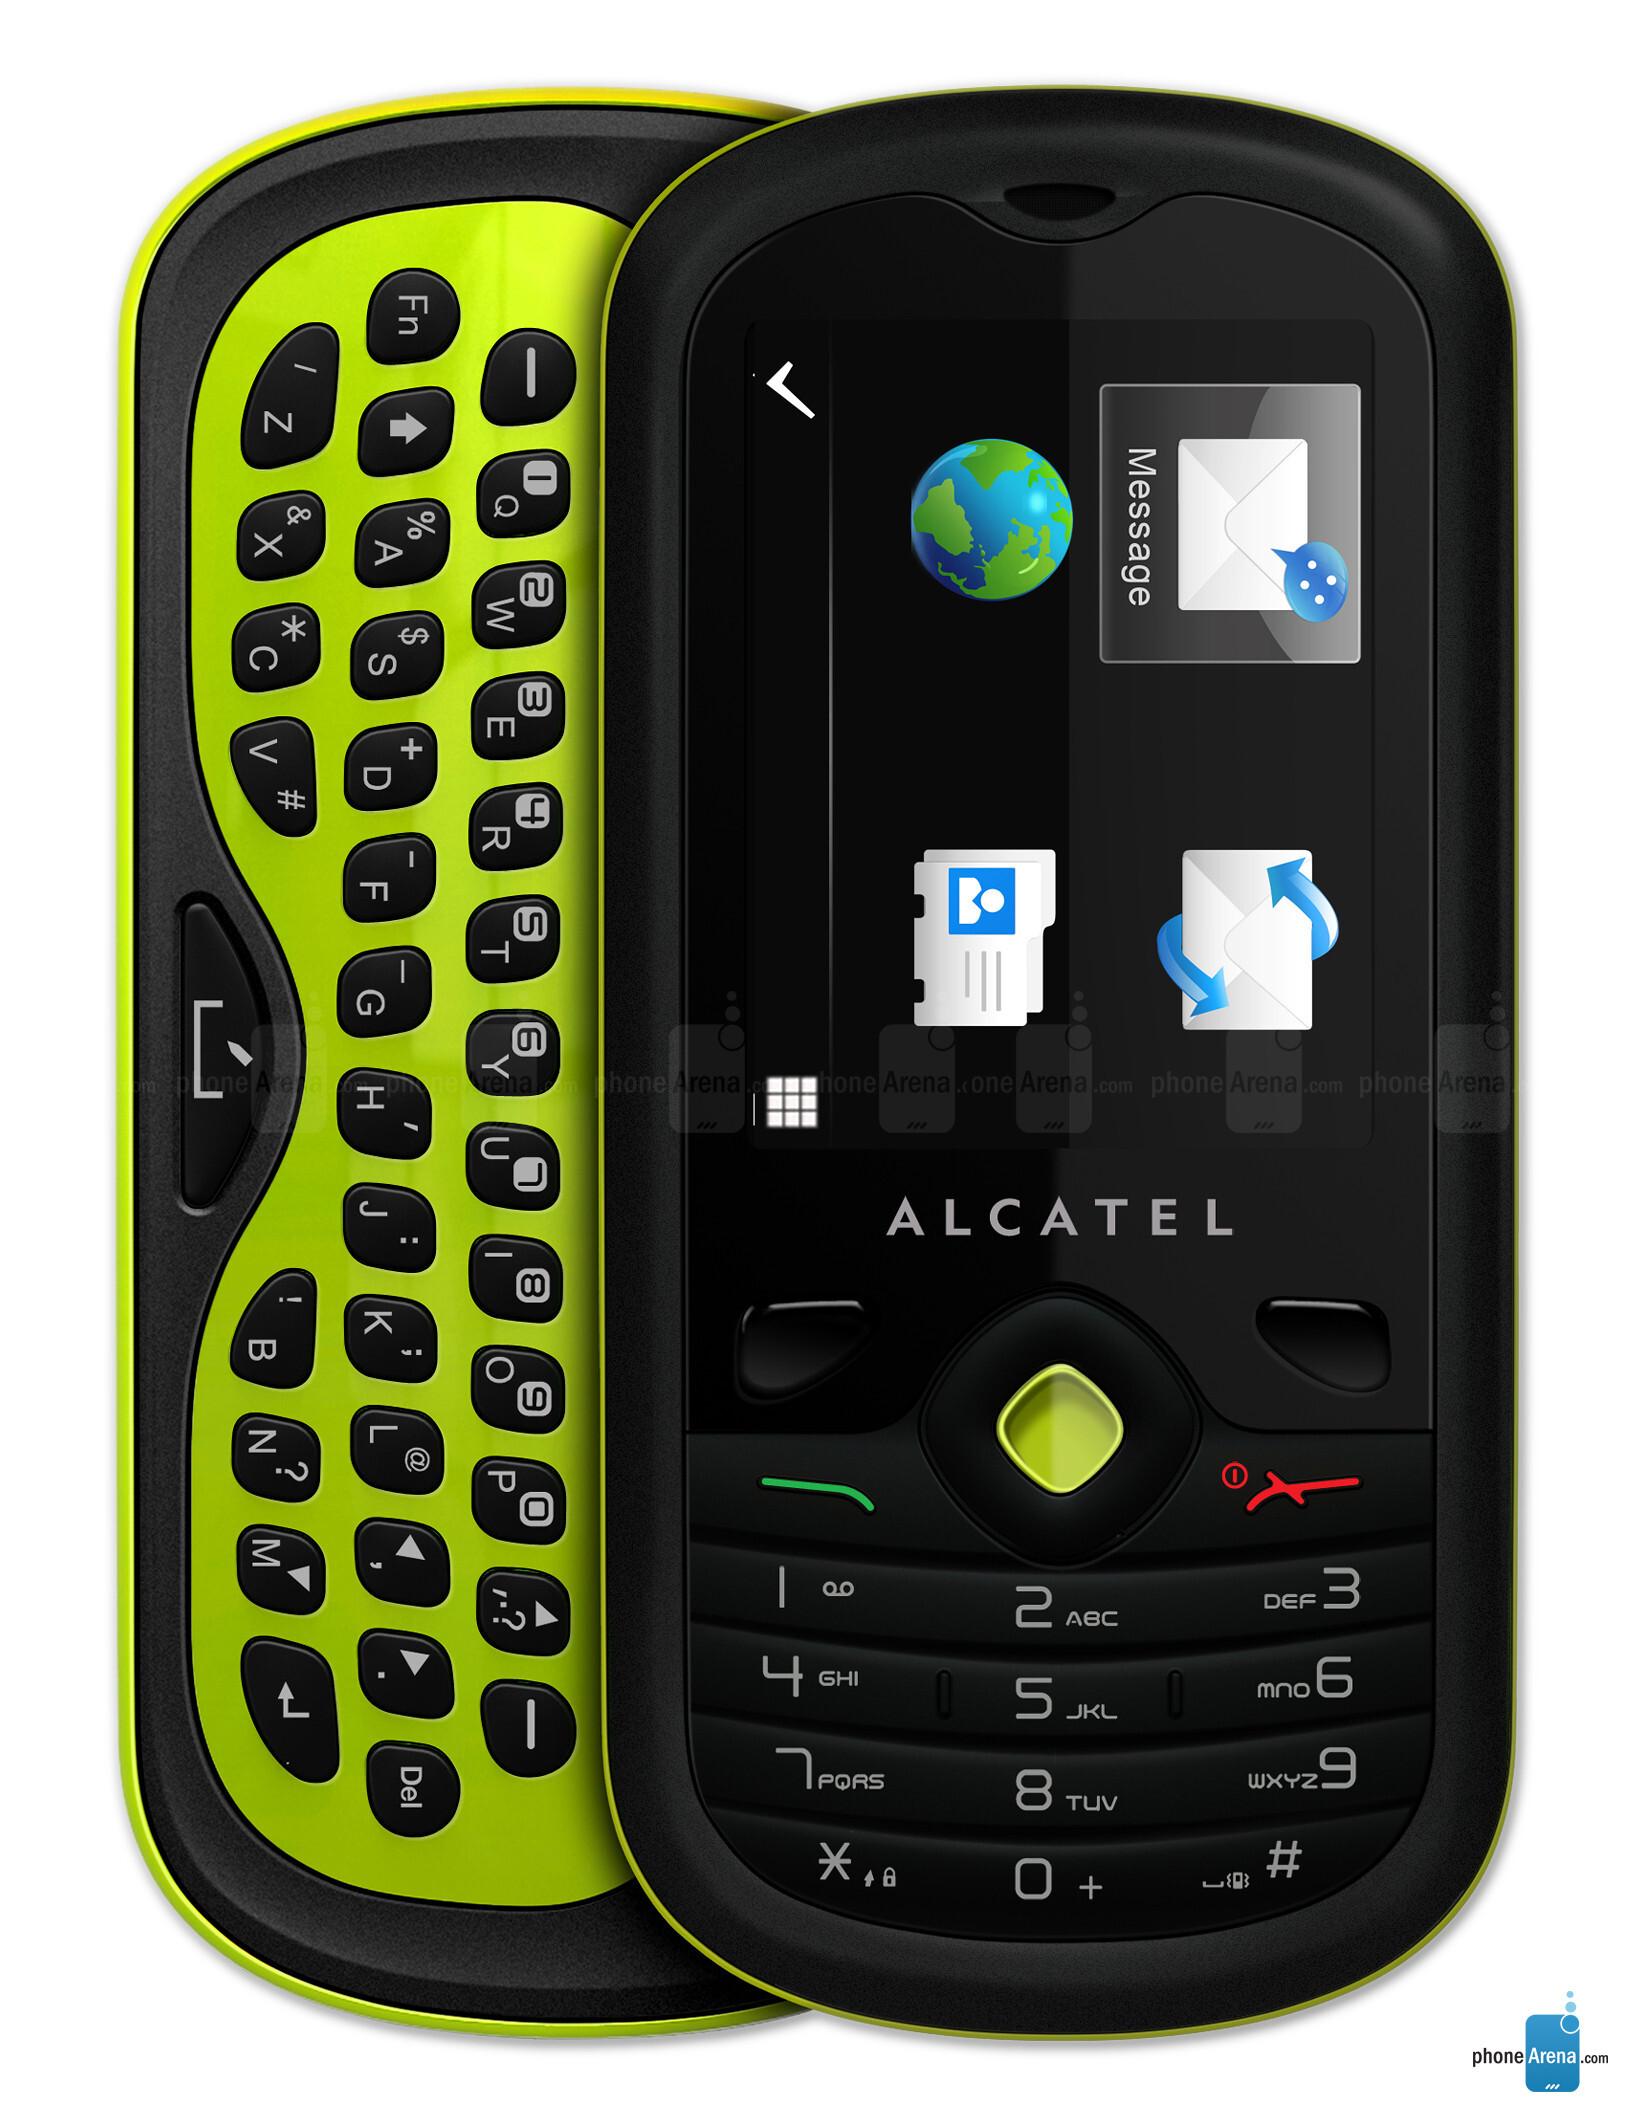 Alcatel Ot 606 Specs